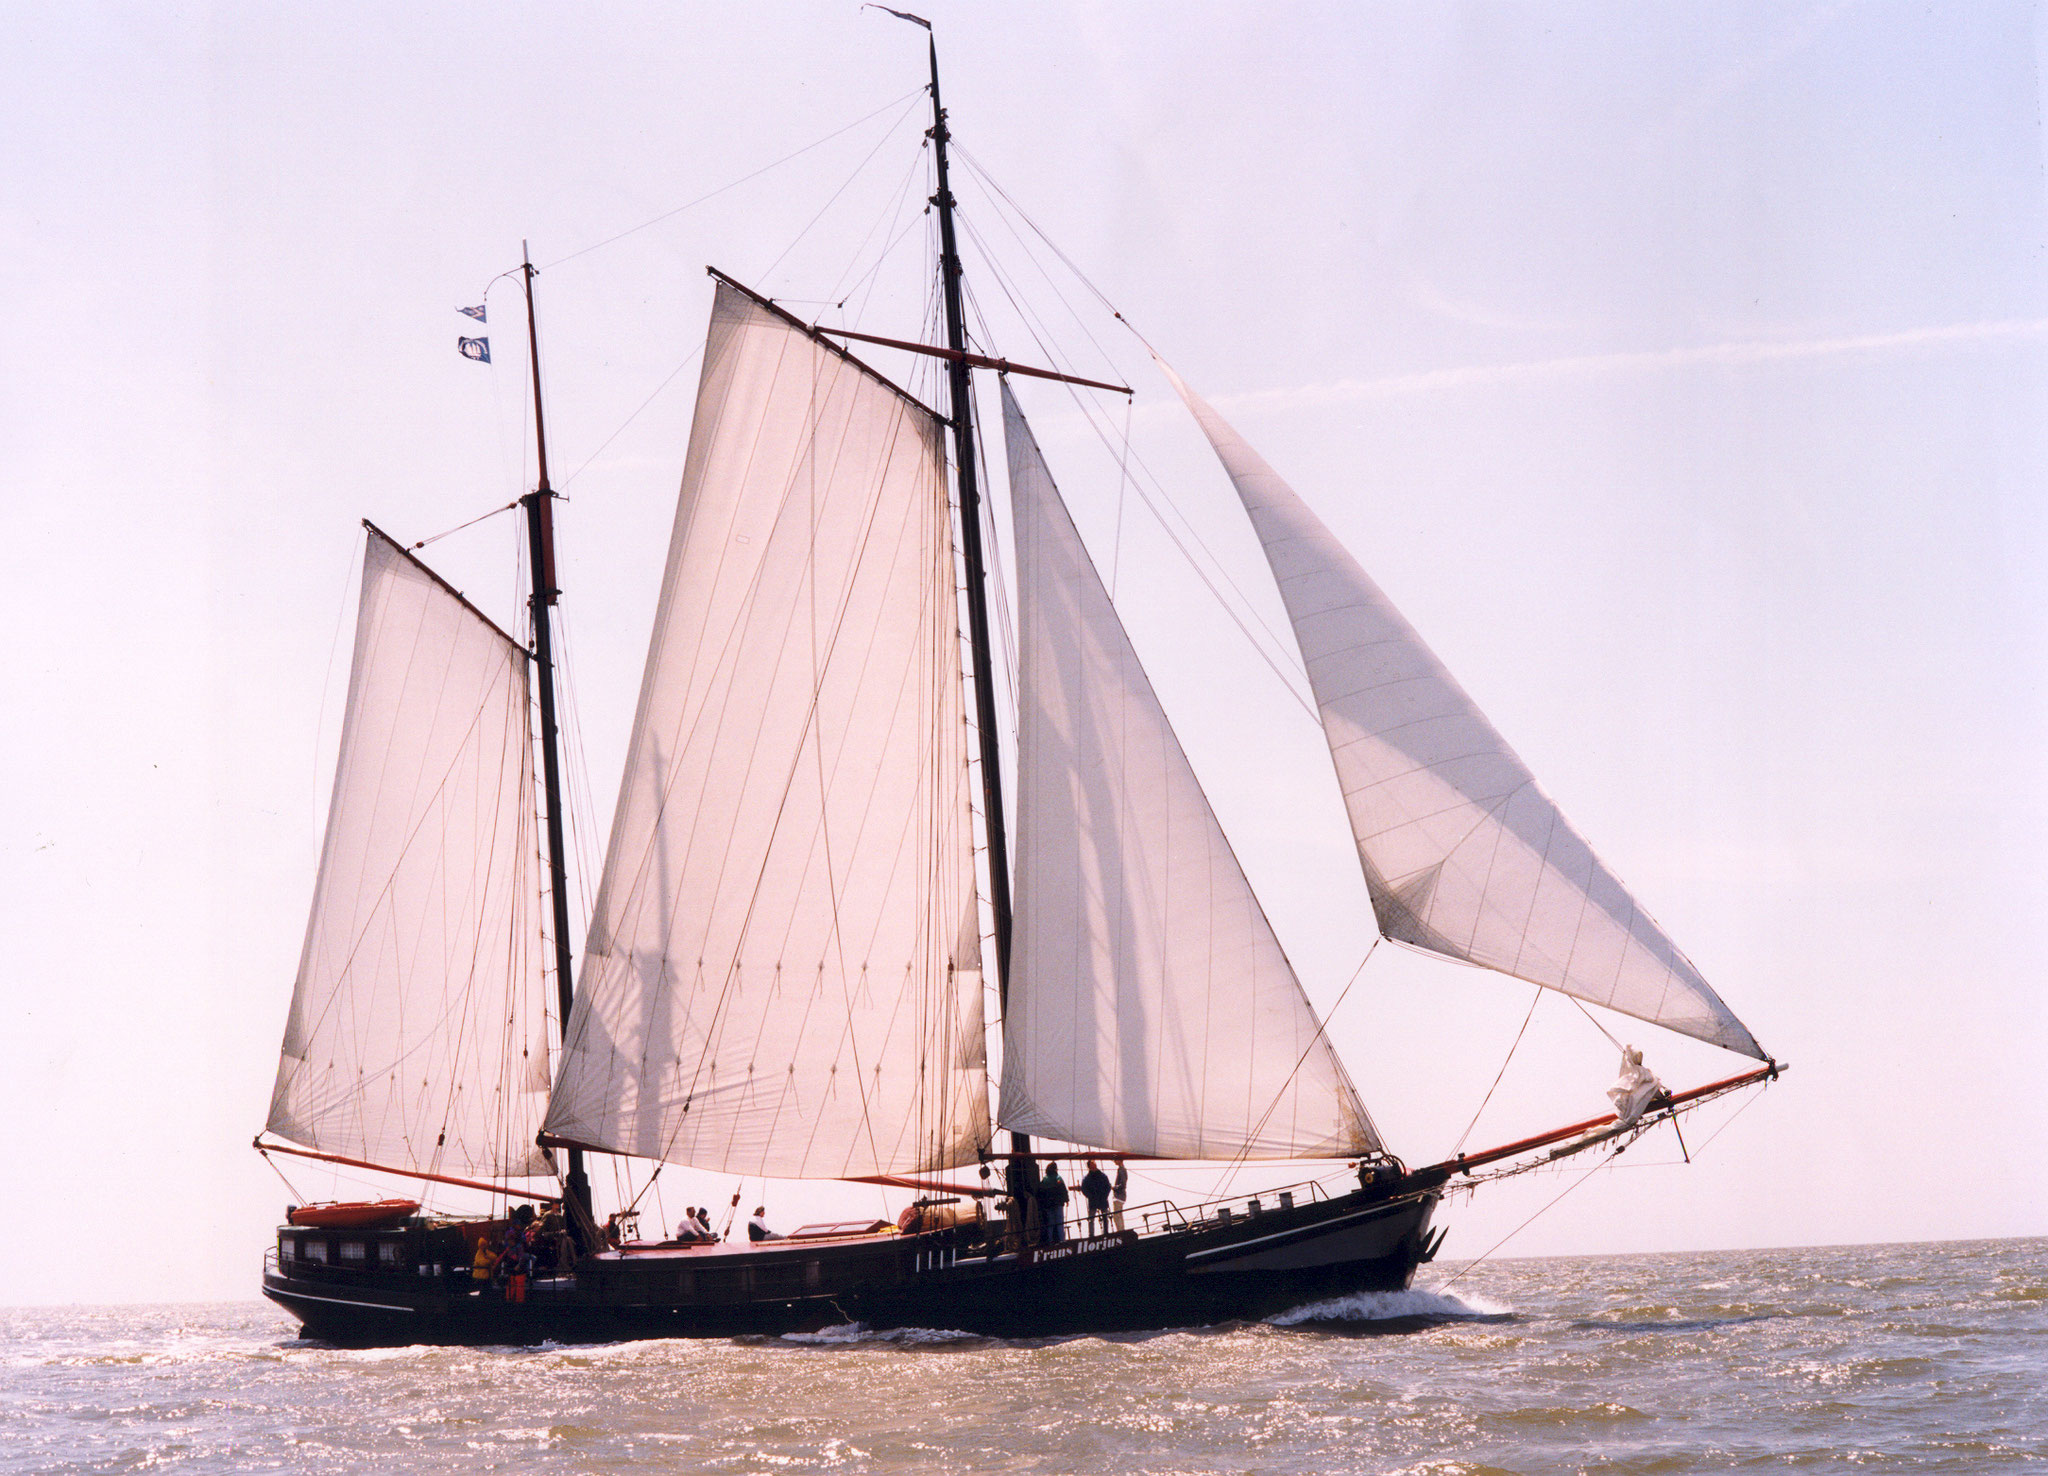 Zeilschip Frans Horjus